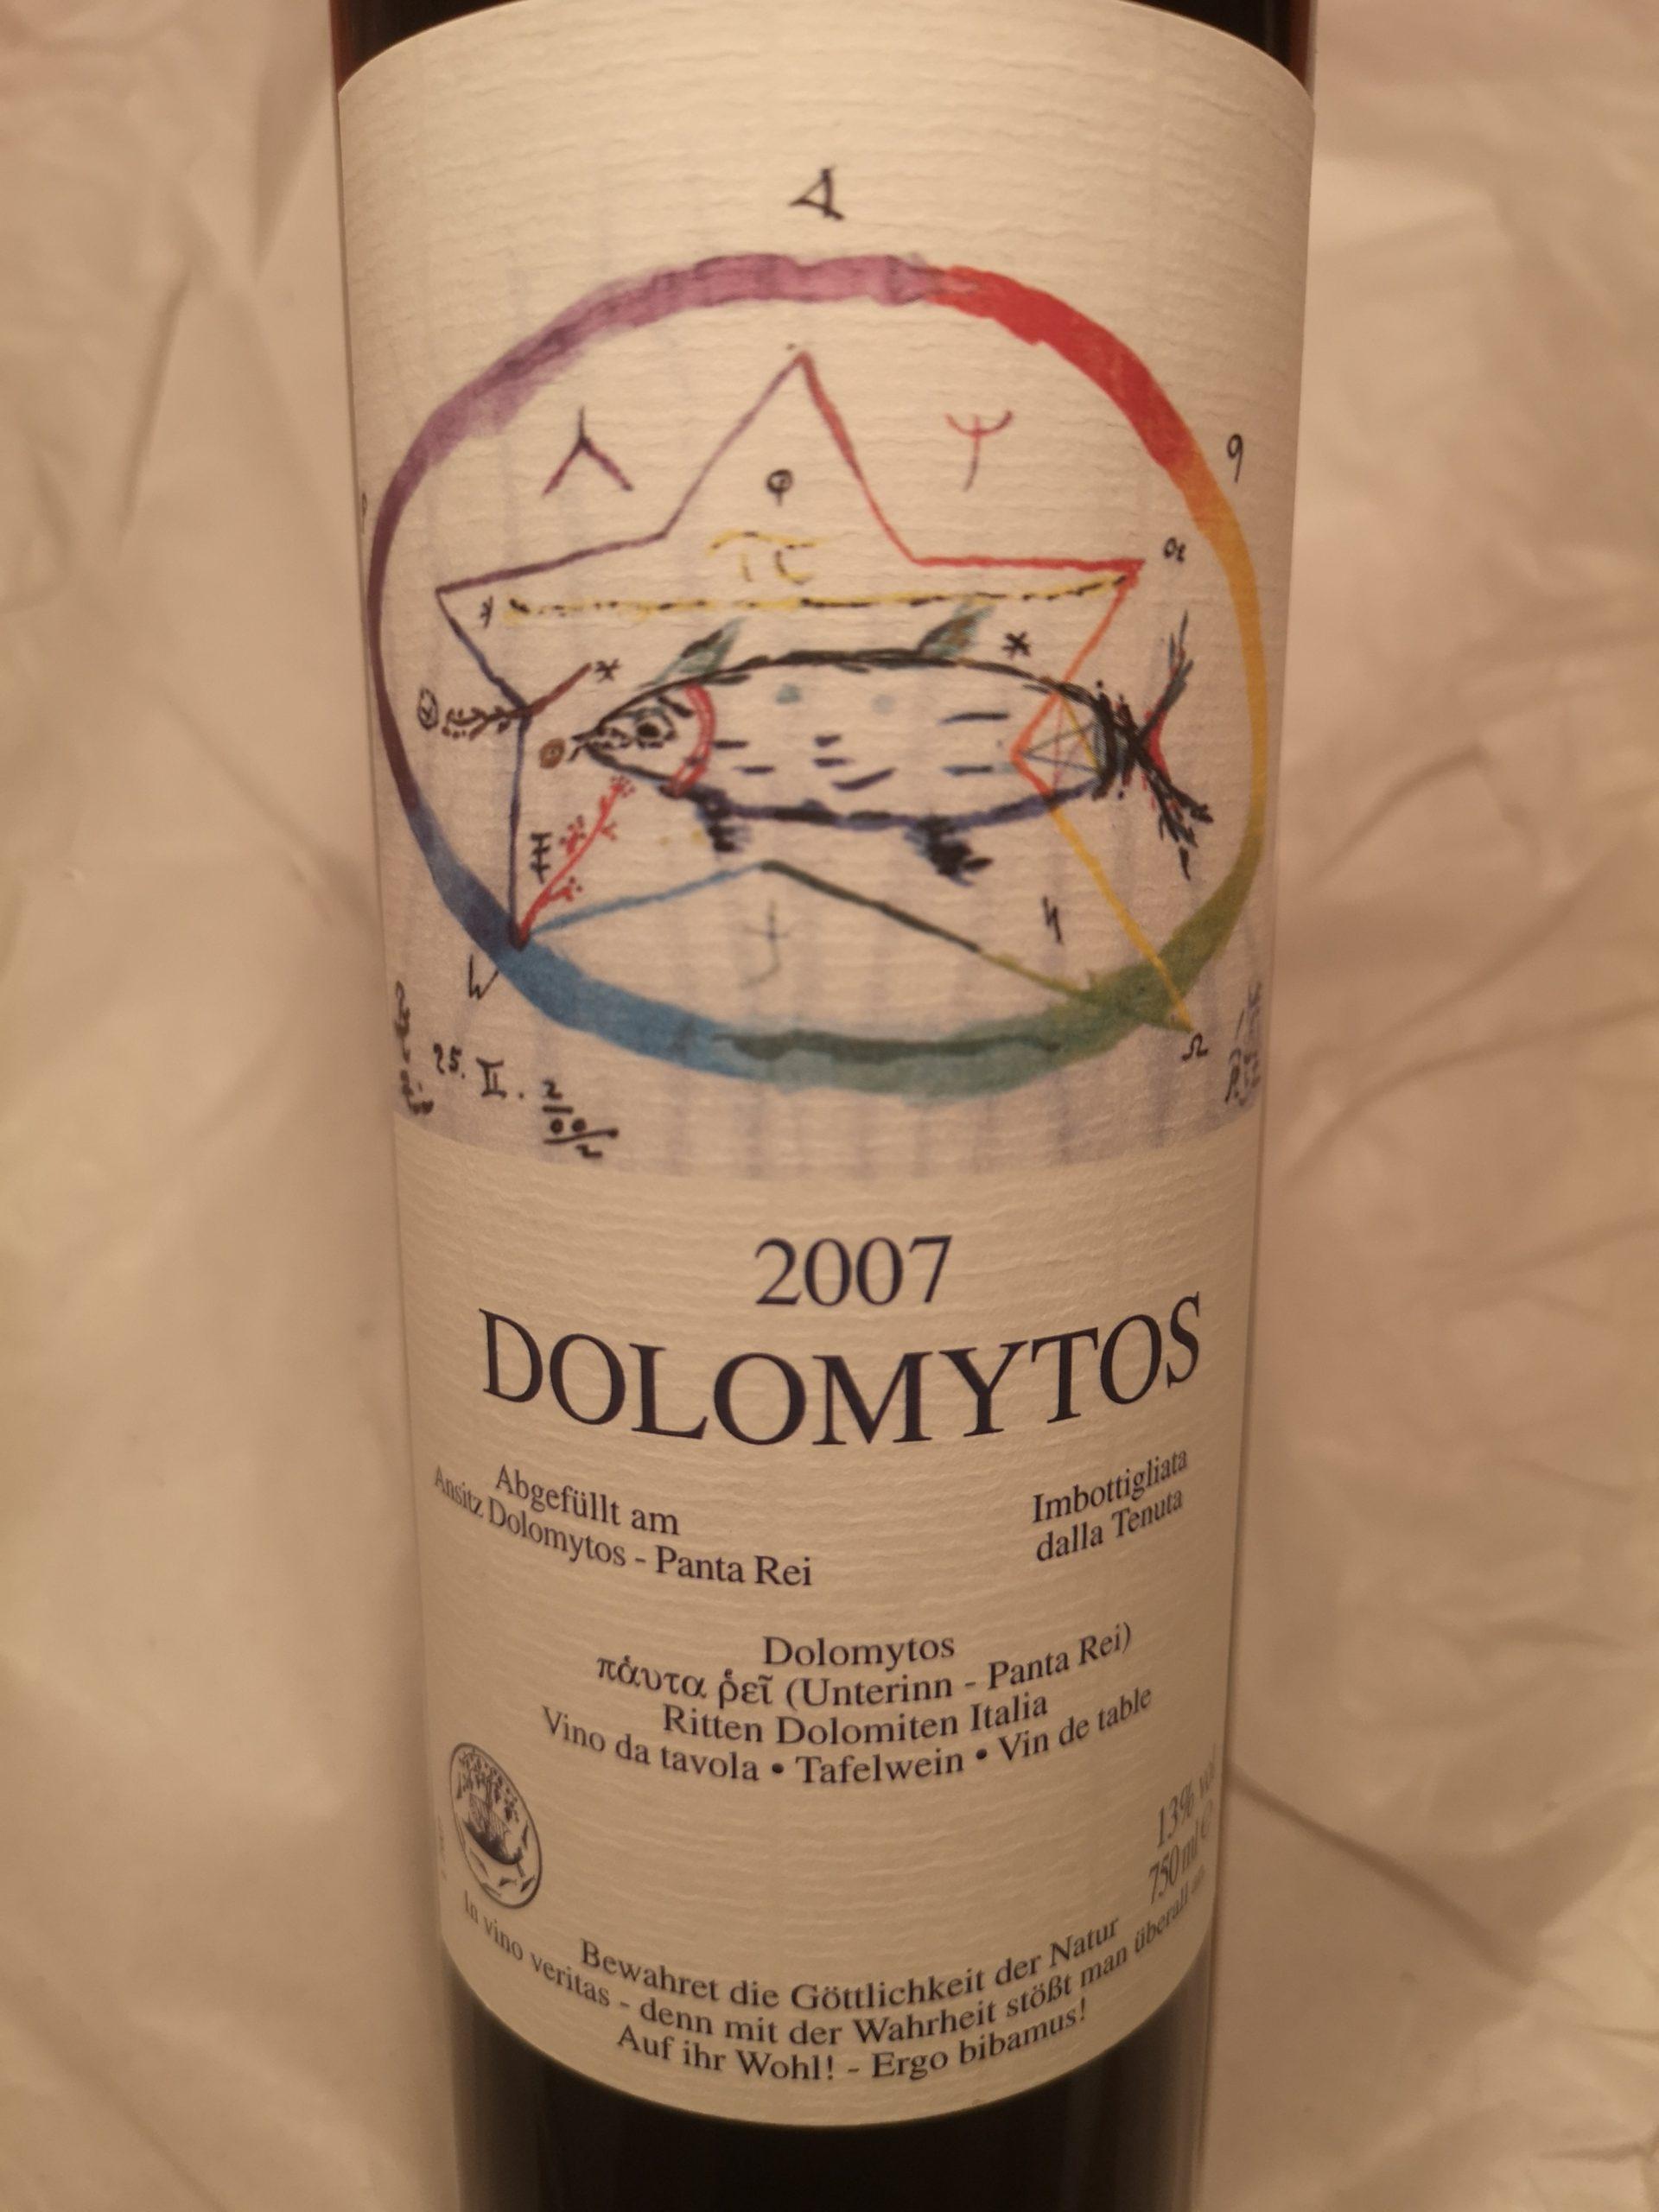 2007 Dolomytos | Dolomytos